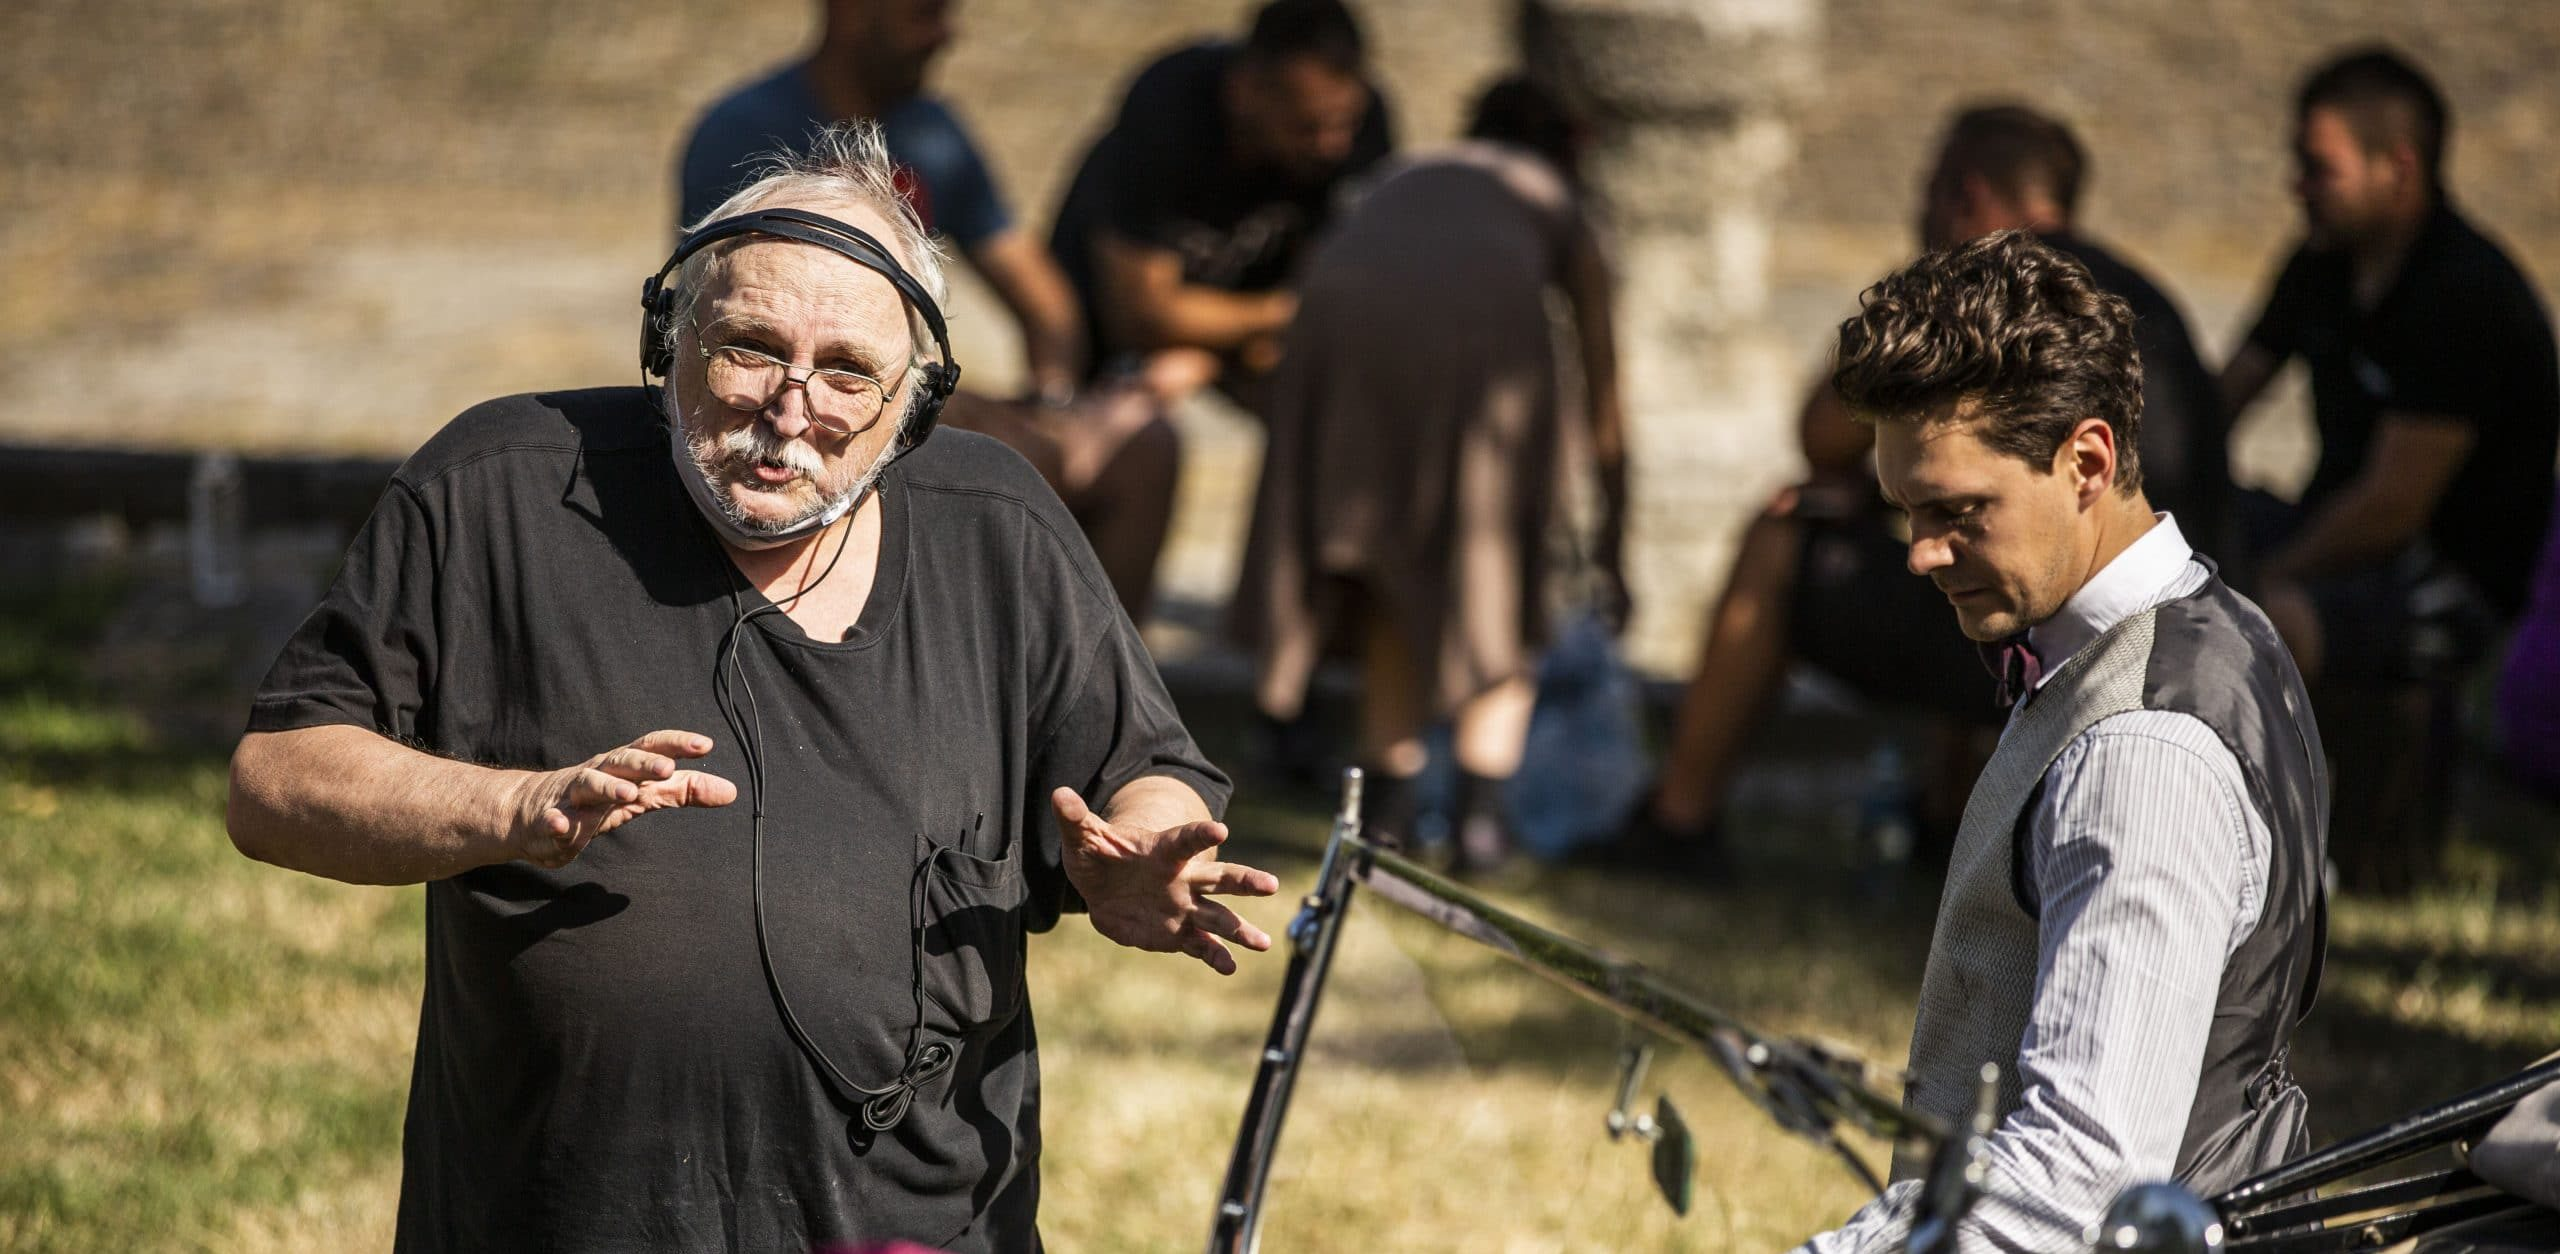 Slobodan Šijan: Avangardisti su tragični likovi naše kulture 1